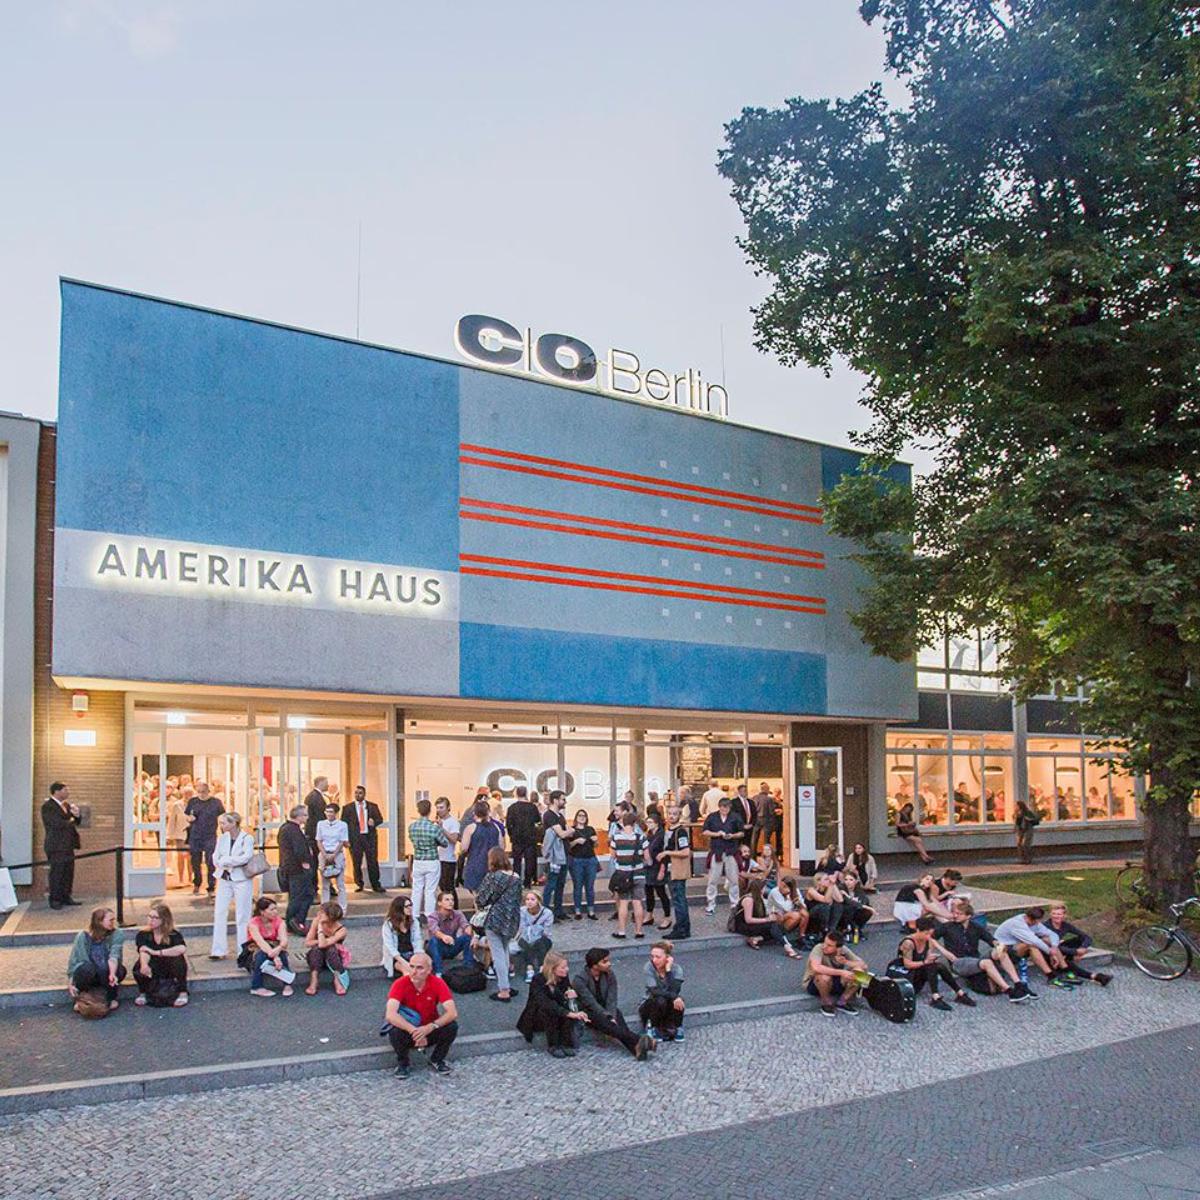 CO Berlin Amerika Haus Aussenansicht Vorplatz mit Publikum